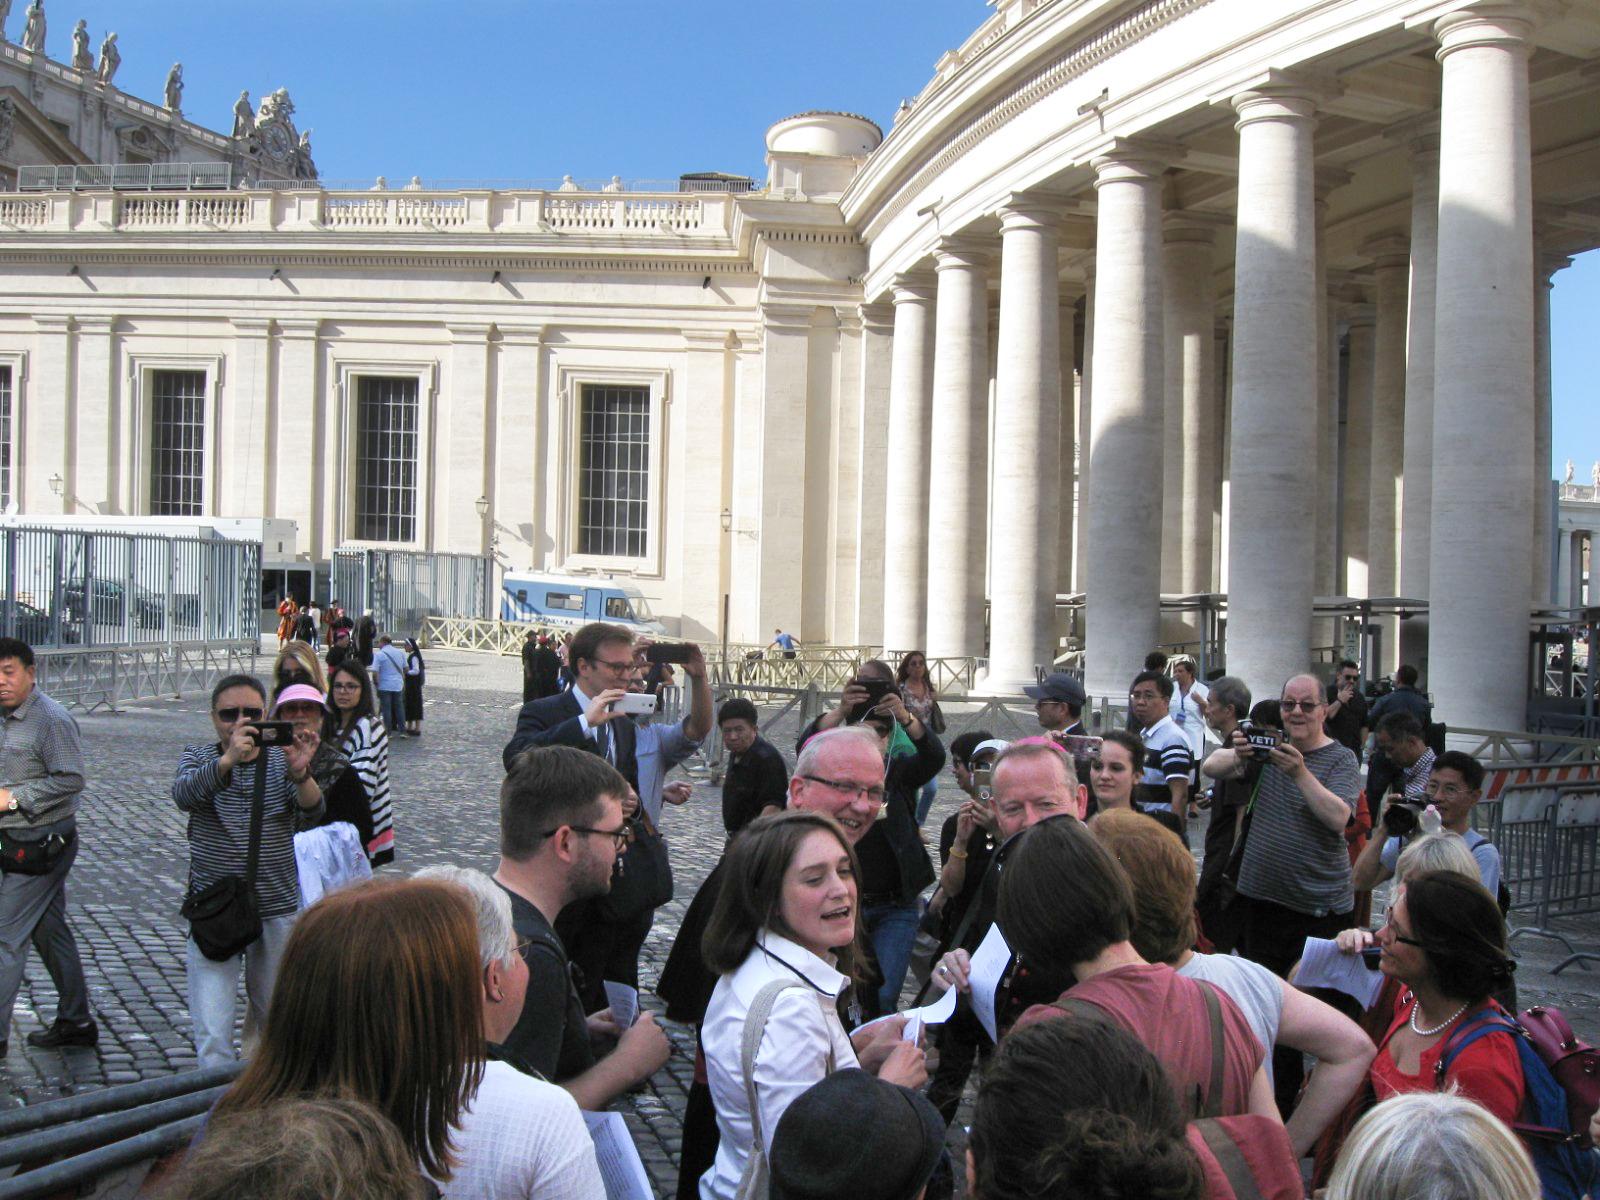 Celia Wexler, Vatican